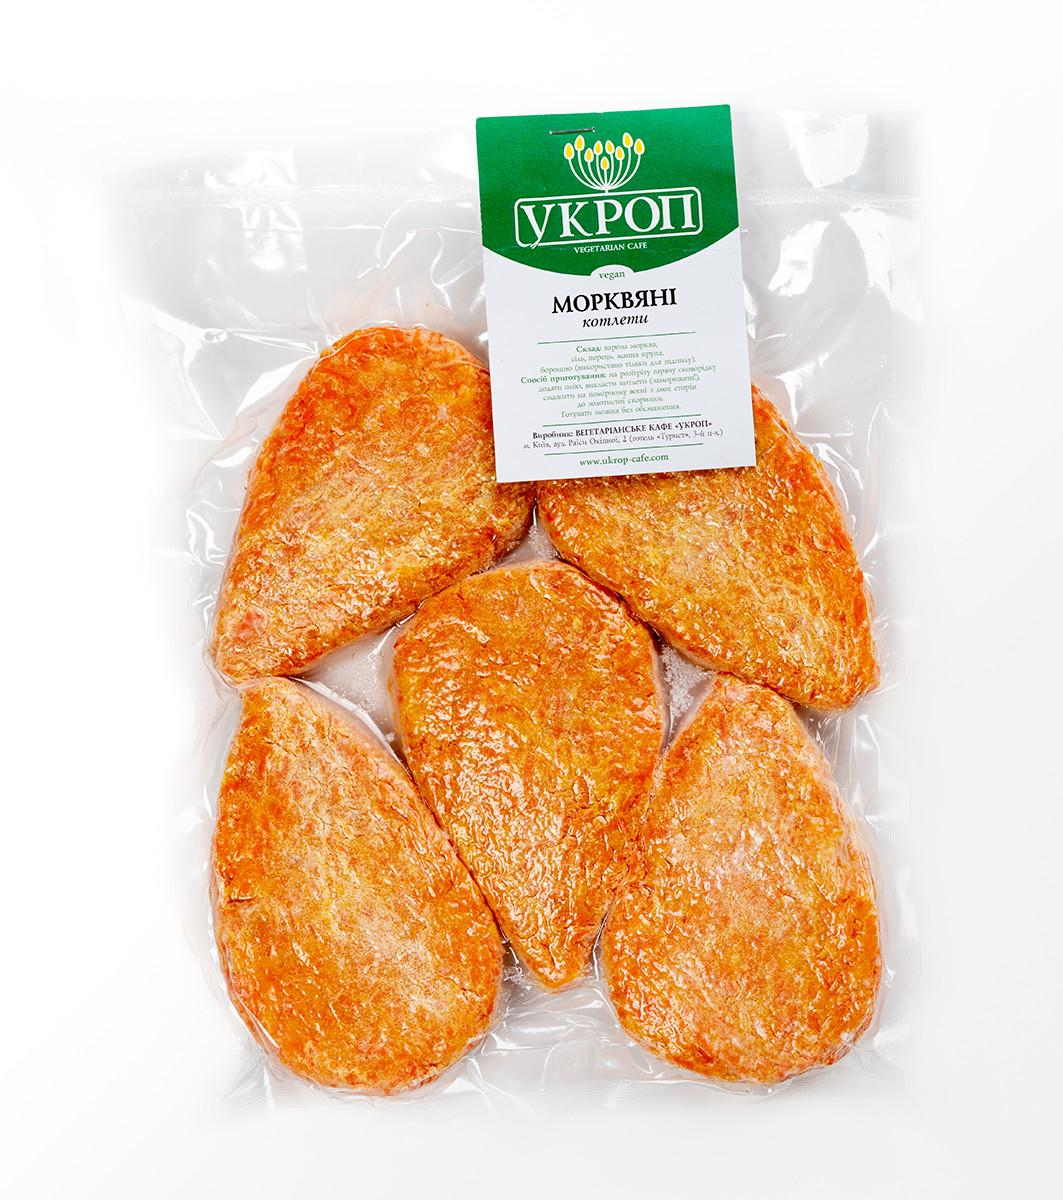 Котлети морквяні, 520 г, Укроп